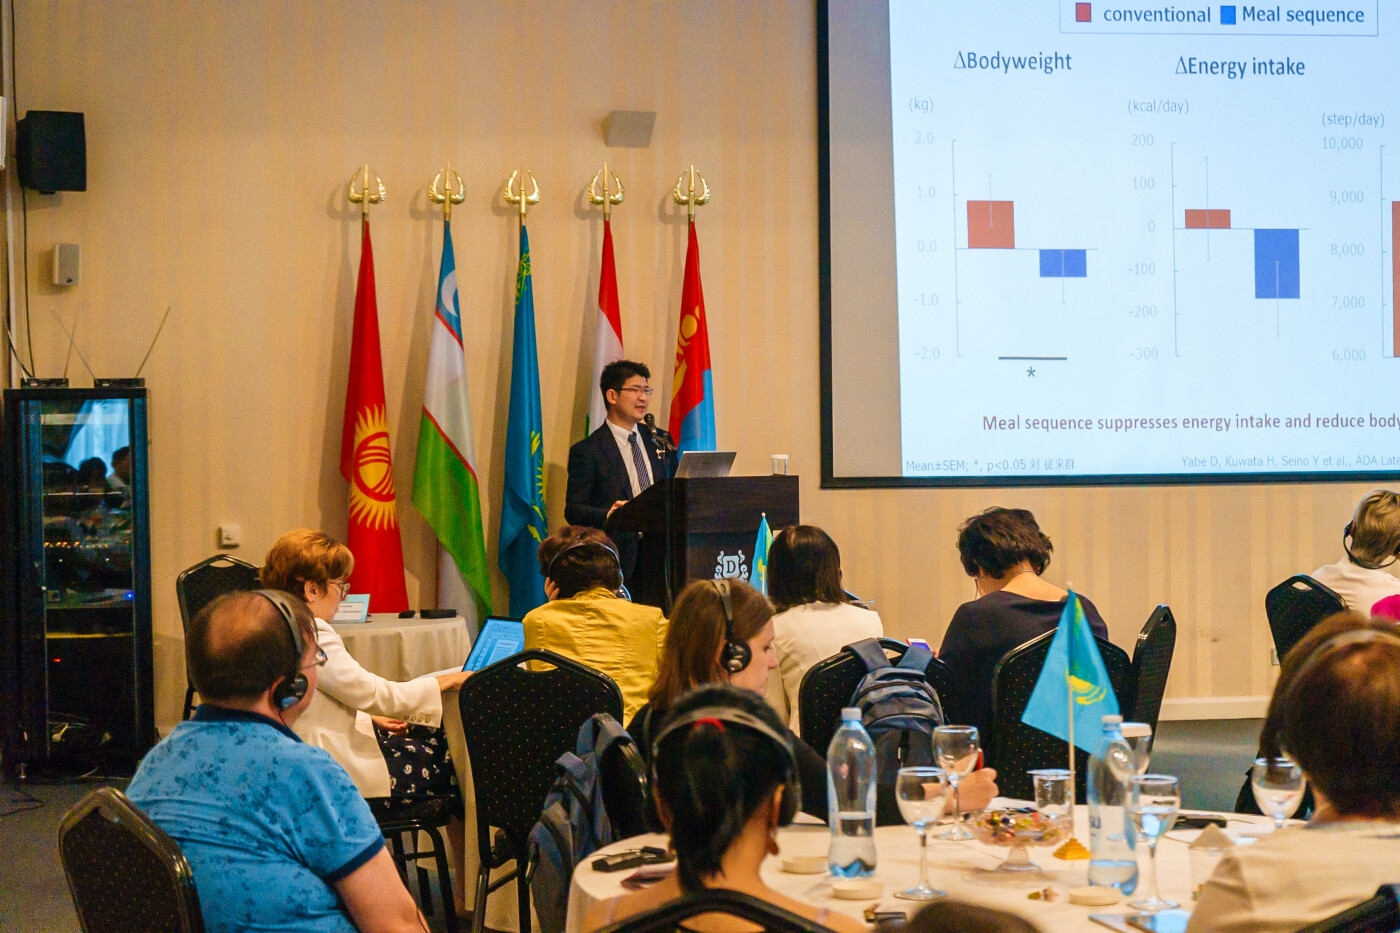 В Алматы решали, кто должен заниматься диабетом: пациент, врач или минздрав, фото-10